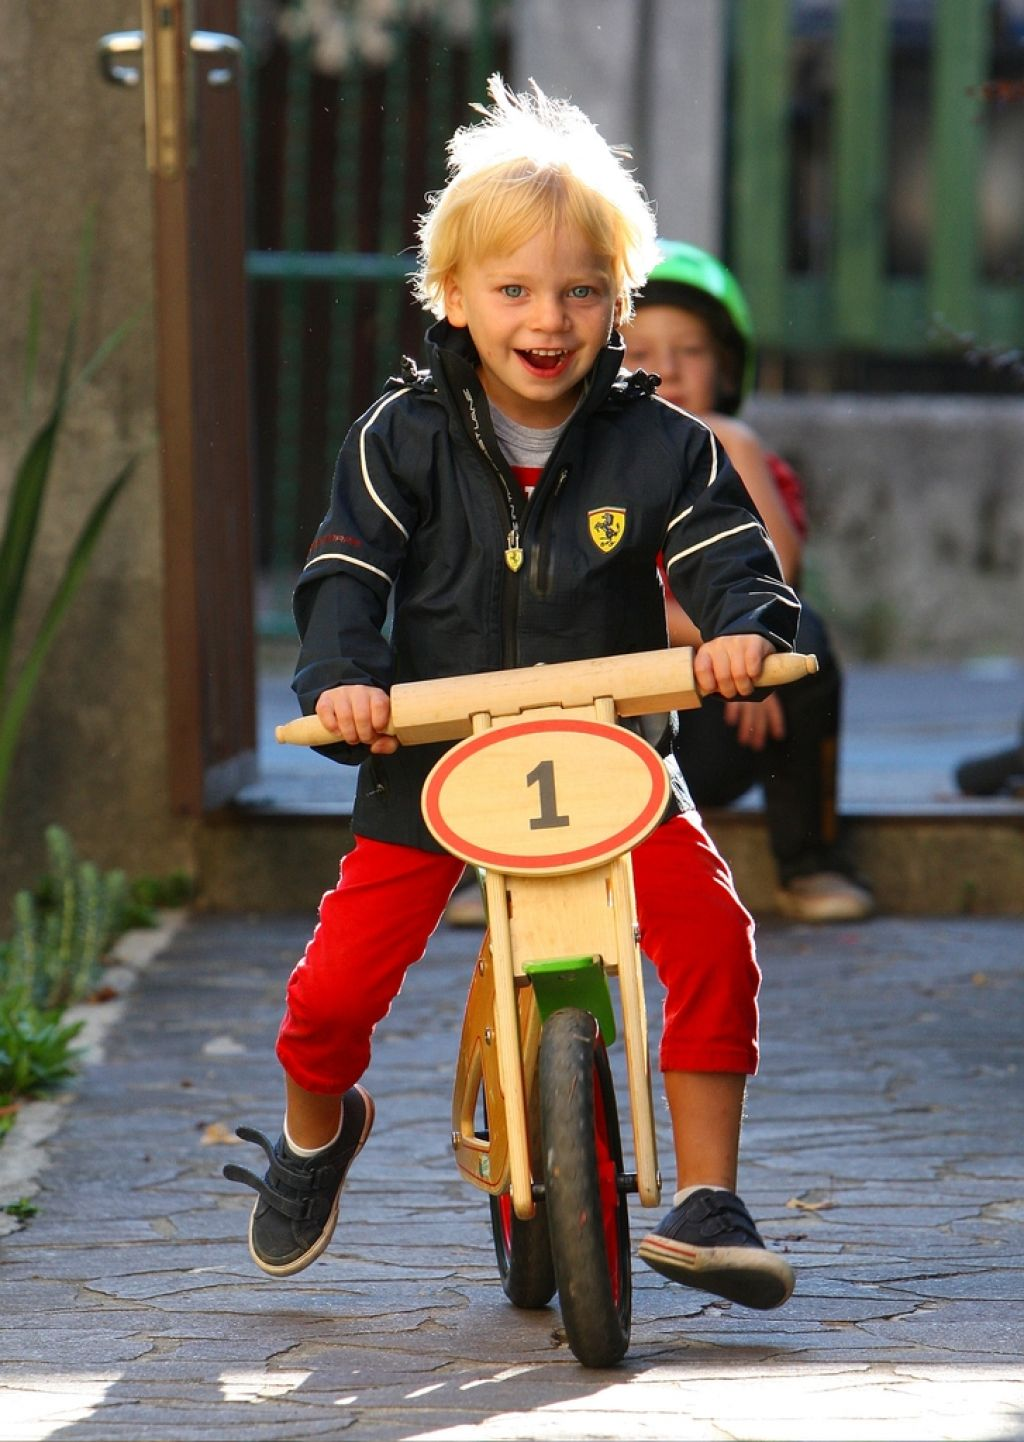 Nedelova kolesarska akcija: V Ljubljano, v Ljubljano gremo mi!